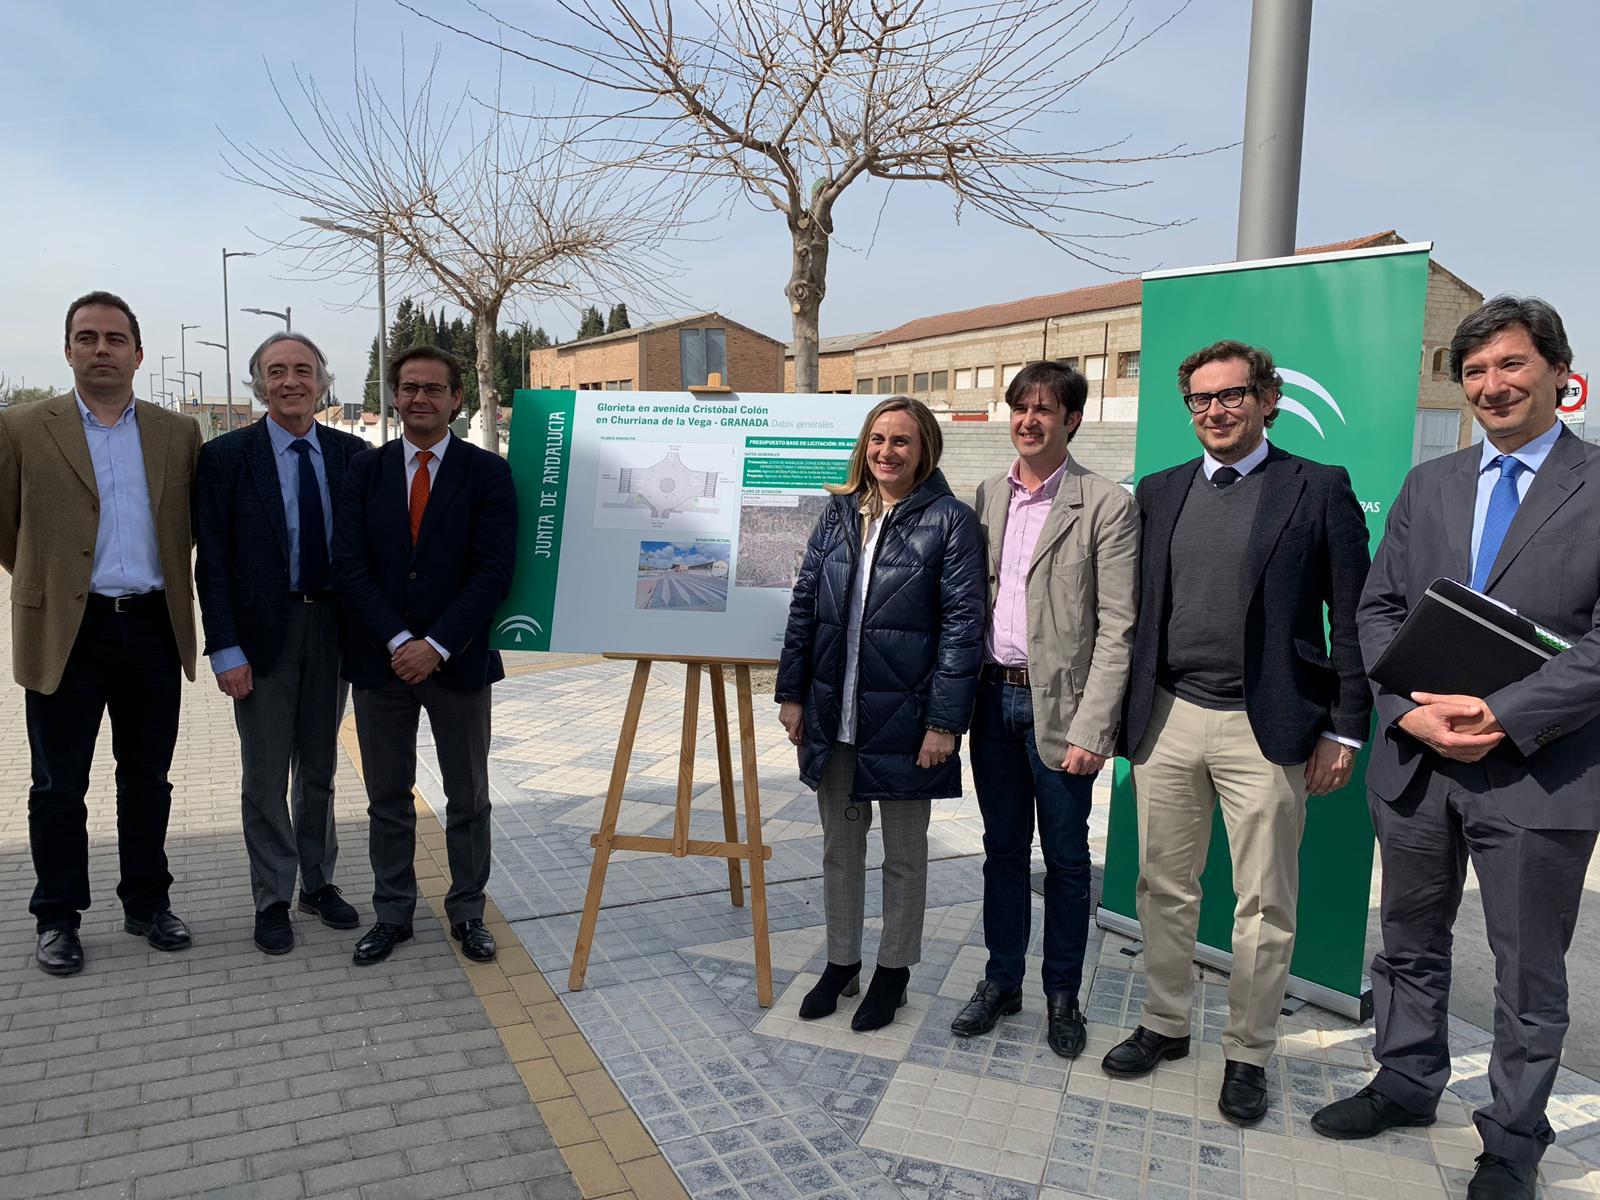 La consejera de Fomento, Marifrán Carazo, junto al alcalde de Churriana y otras autoridades.